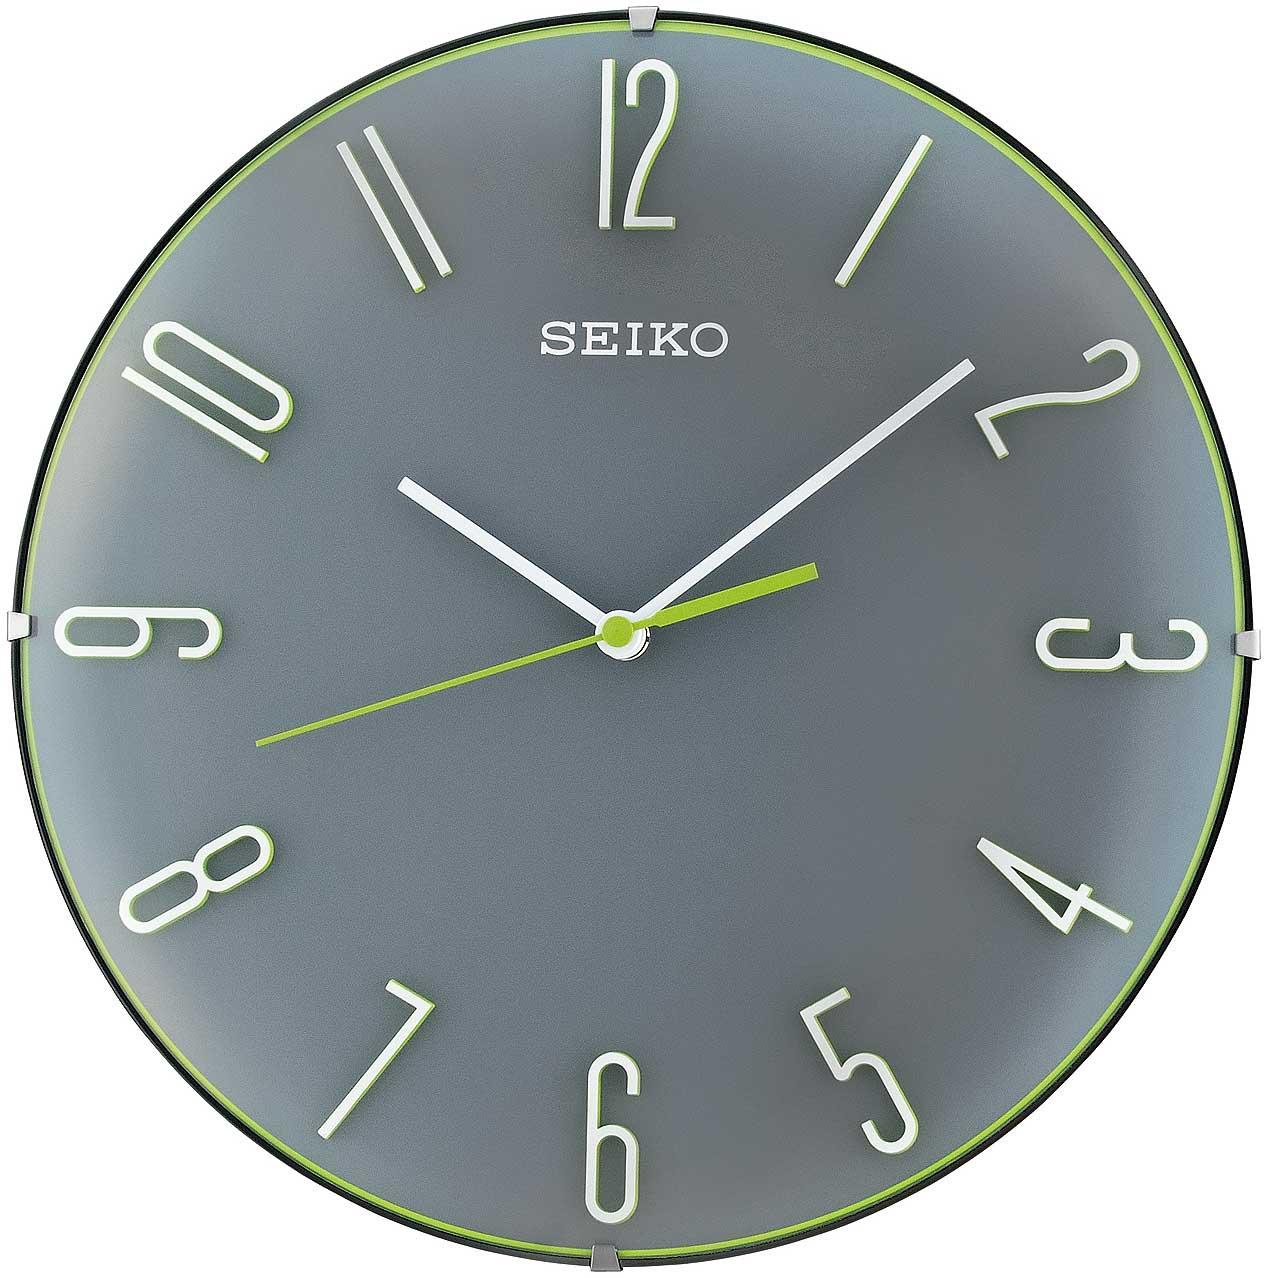 seiko qxa672n horloge de table horloge de bureau nouveau ebay. Black Bedroom Furniture Sets. Home Design Ideas